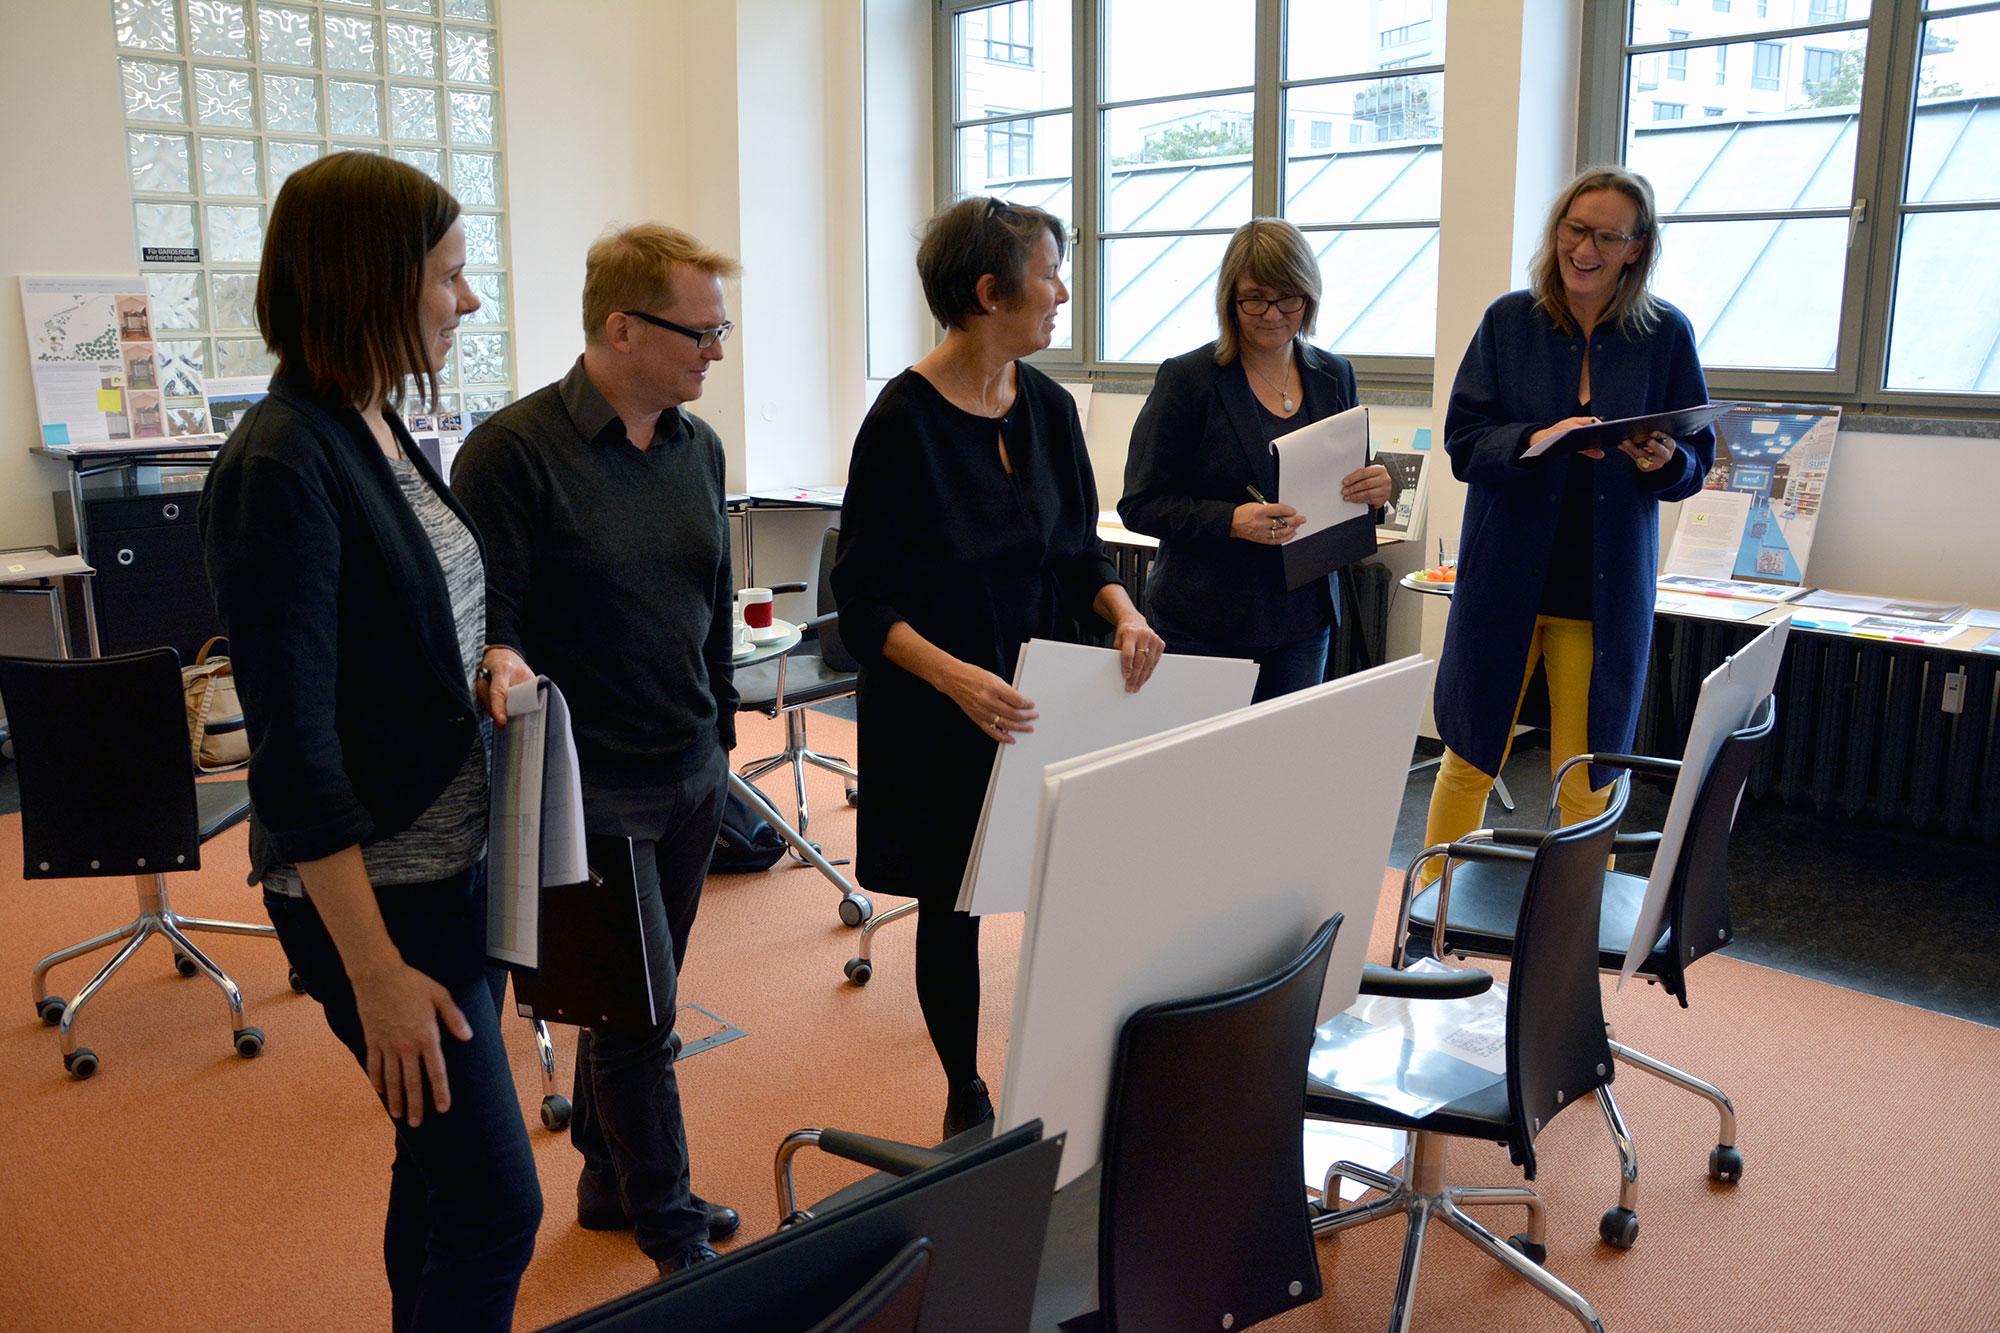 Innenarchitektur berlin jobs die qual der wahl neue for Innenarchitektur jobs berlin